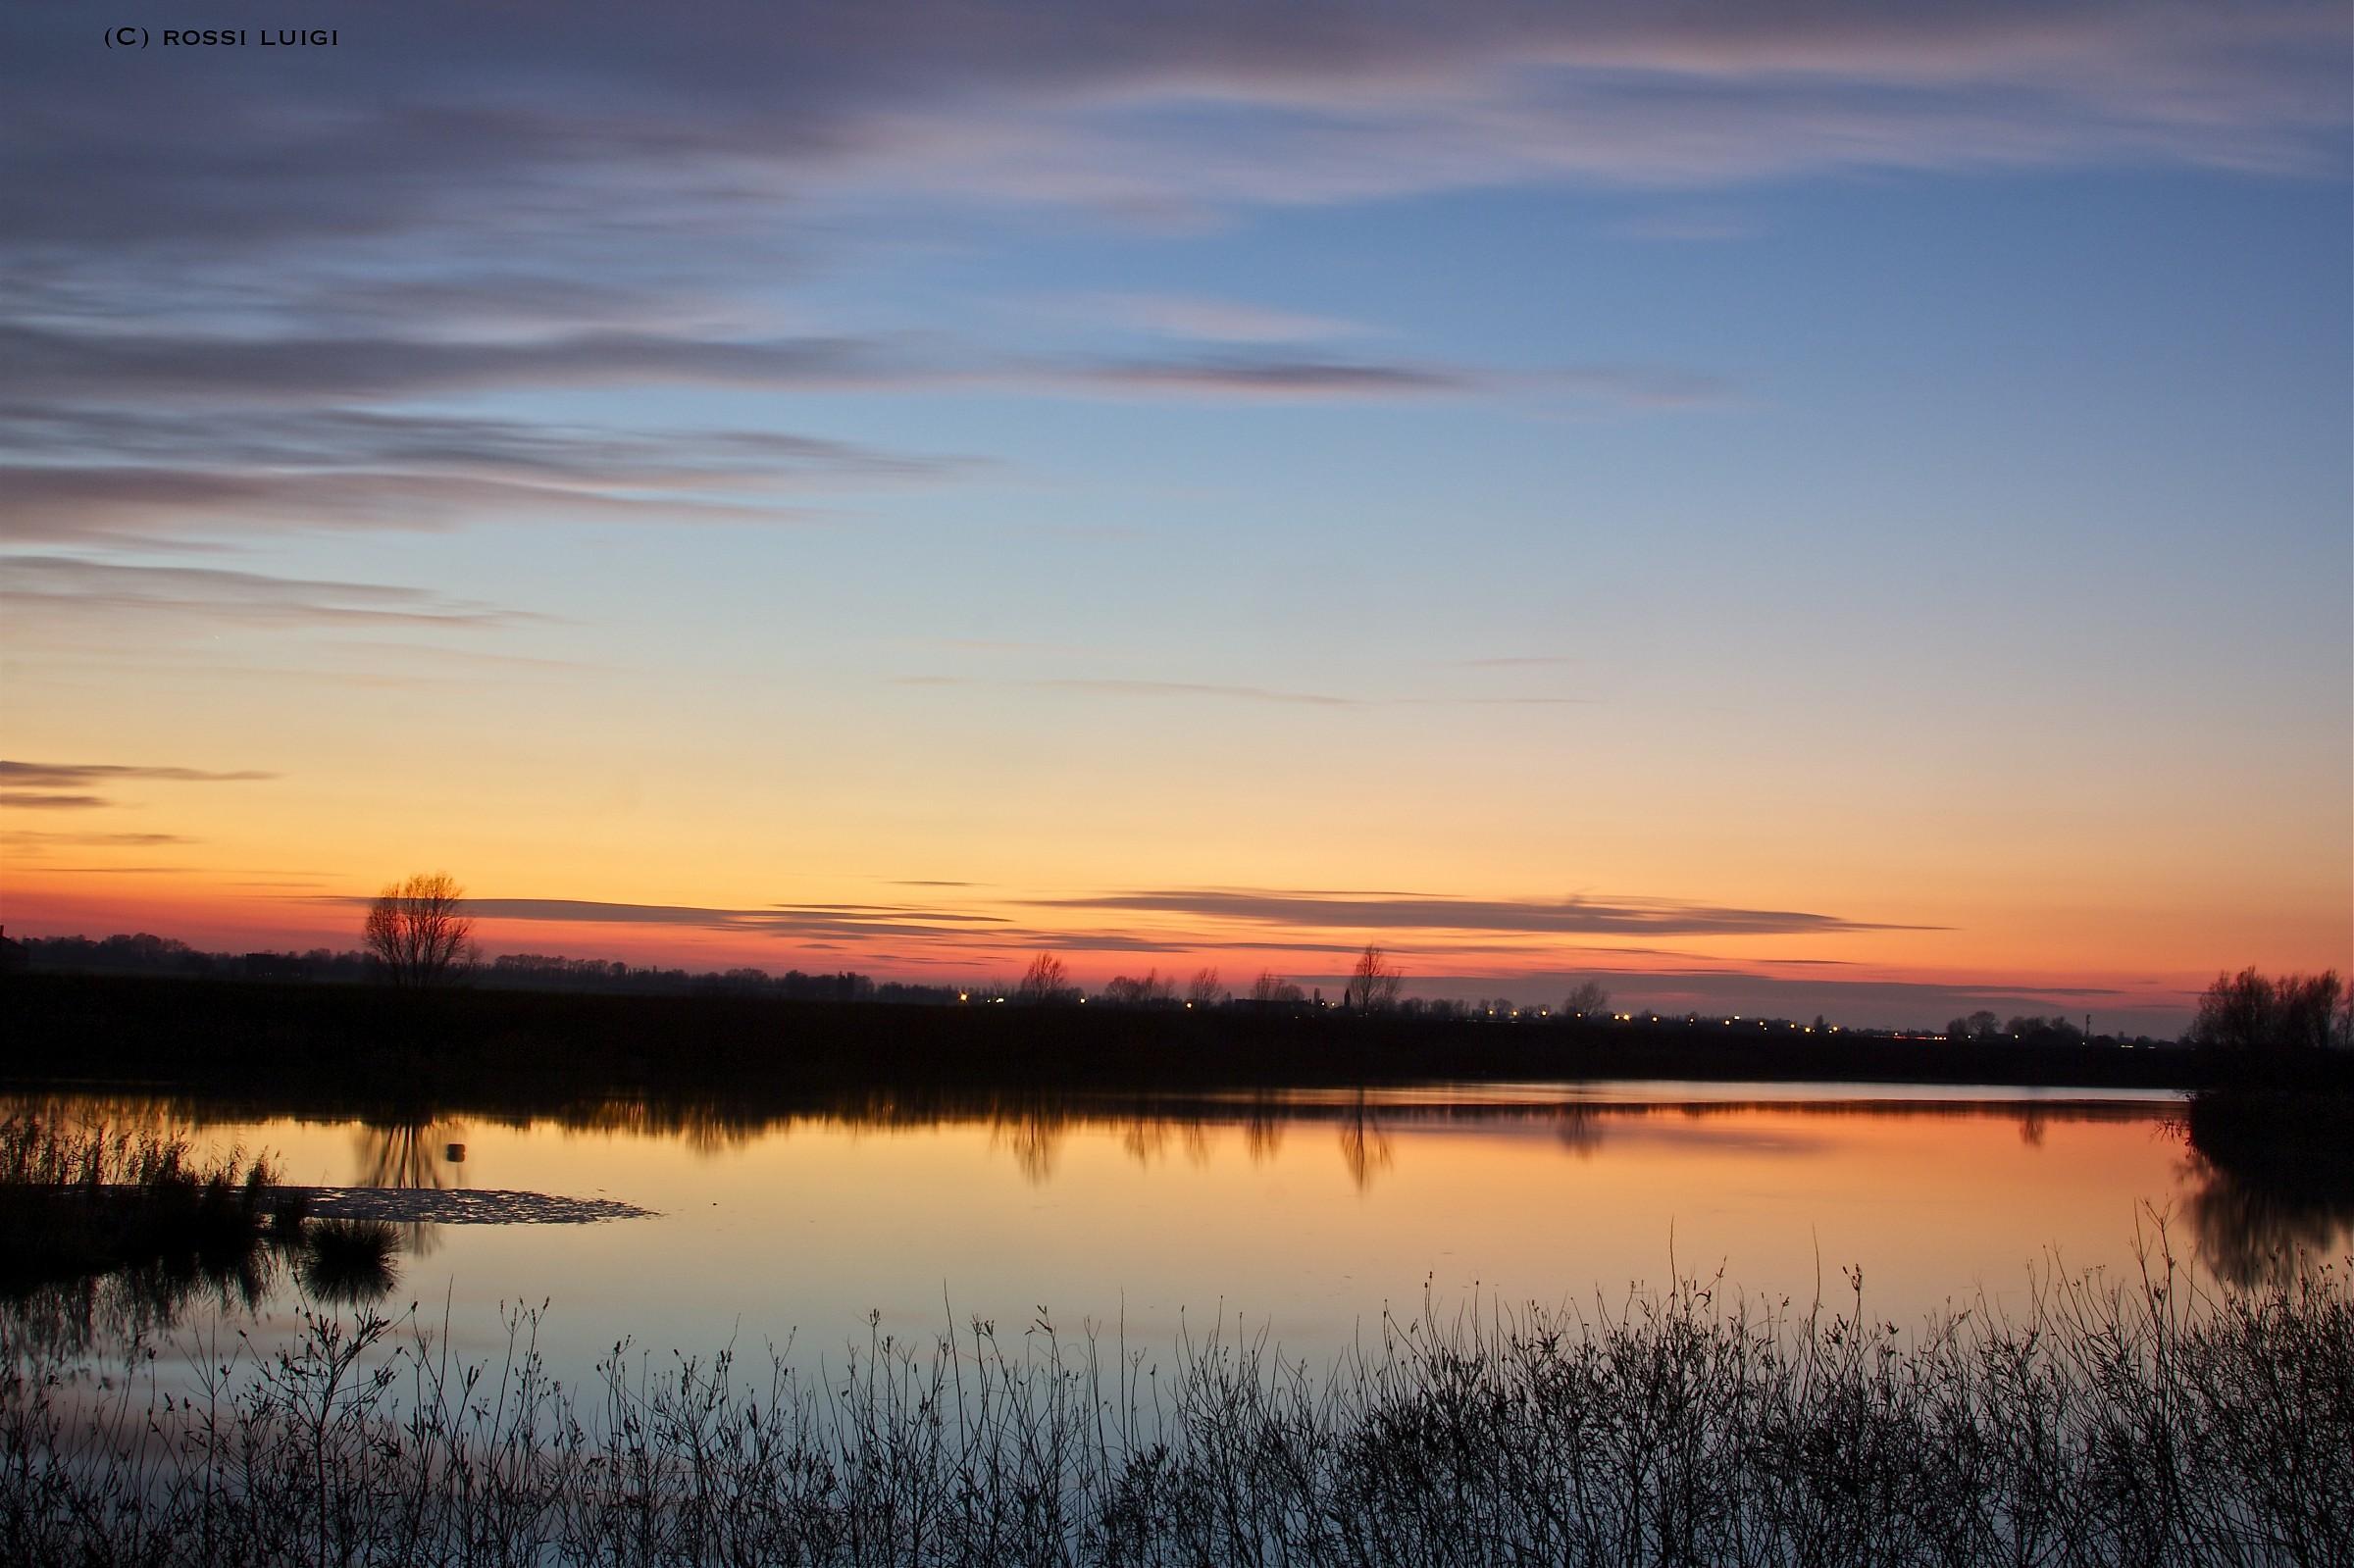 tramonto nel fiume...